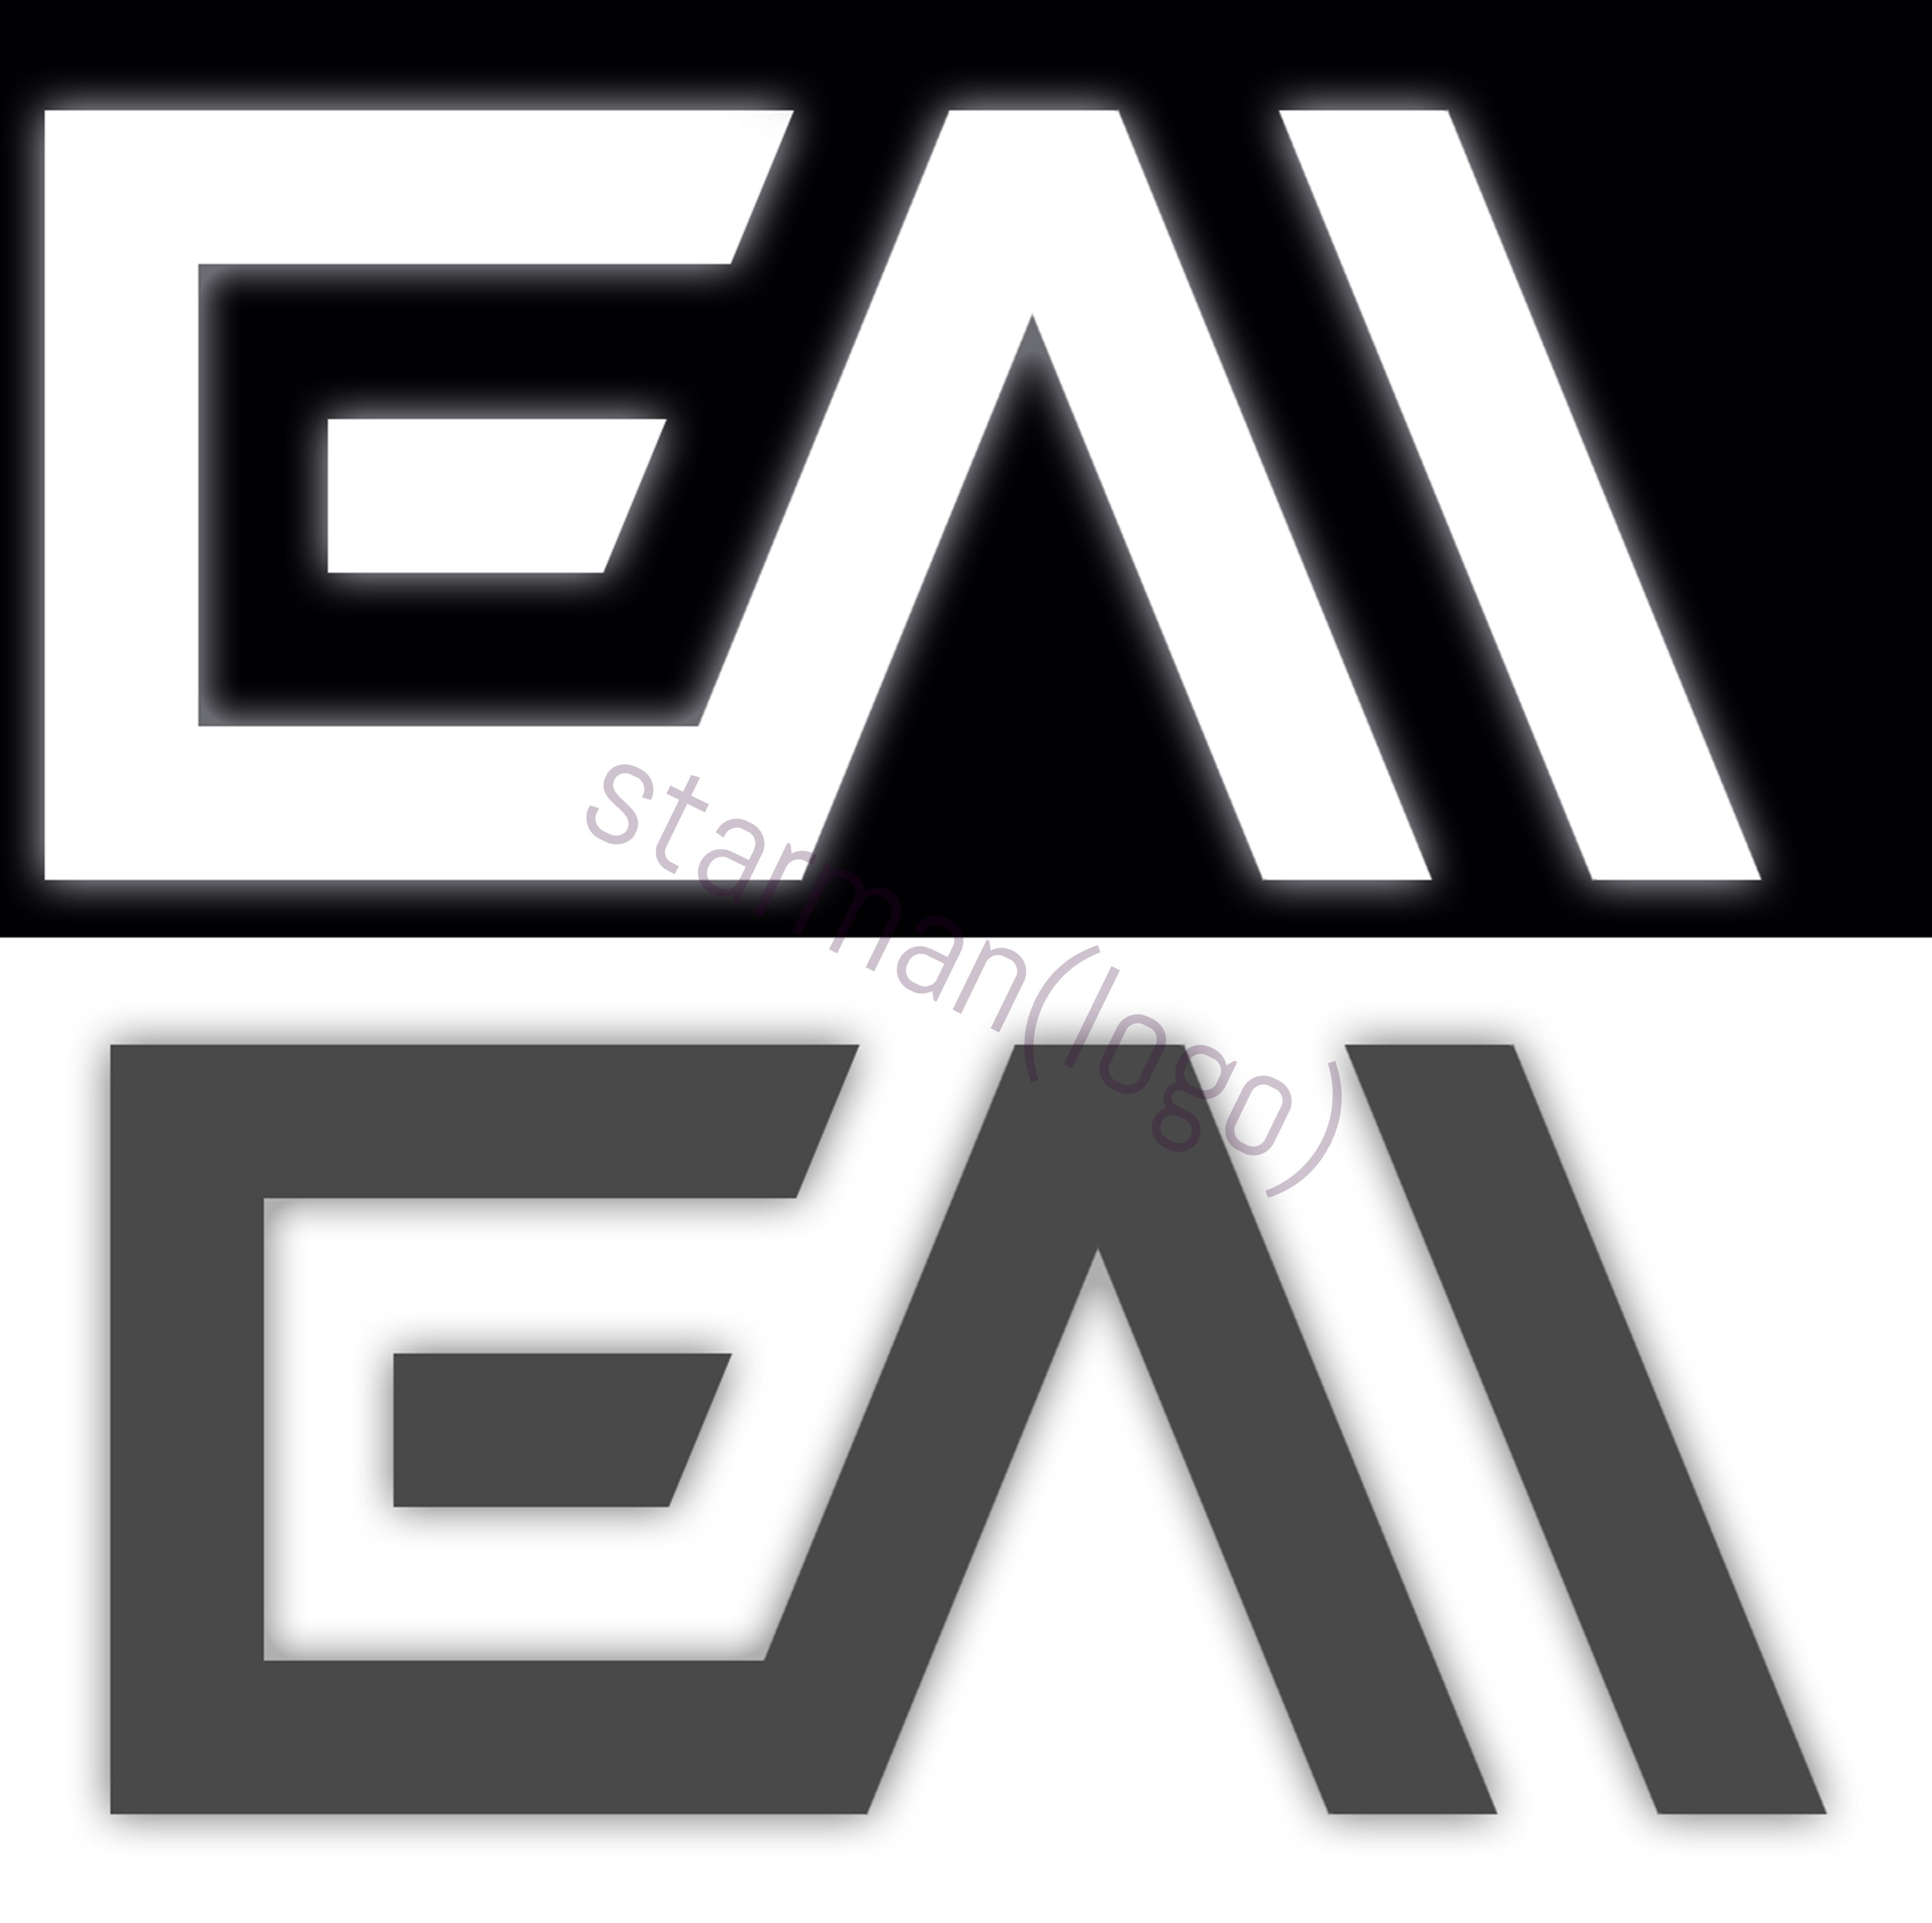 Логотип для новостного сайта  фото f_6335b746f54c466d.png